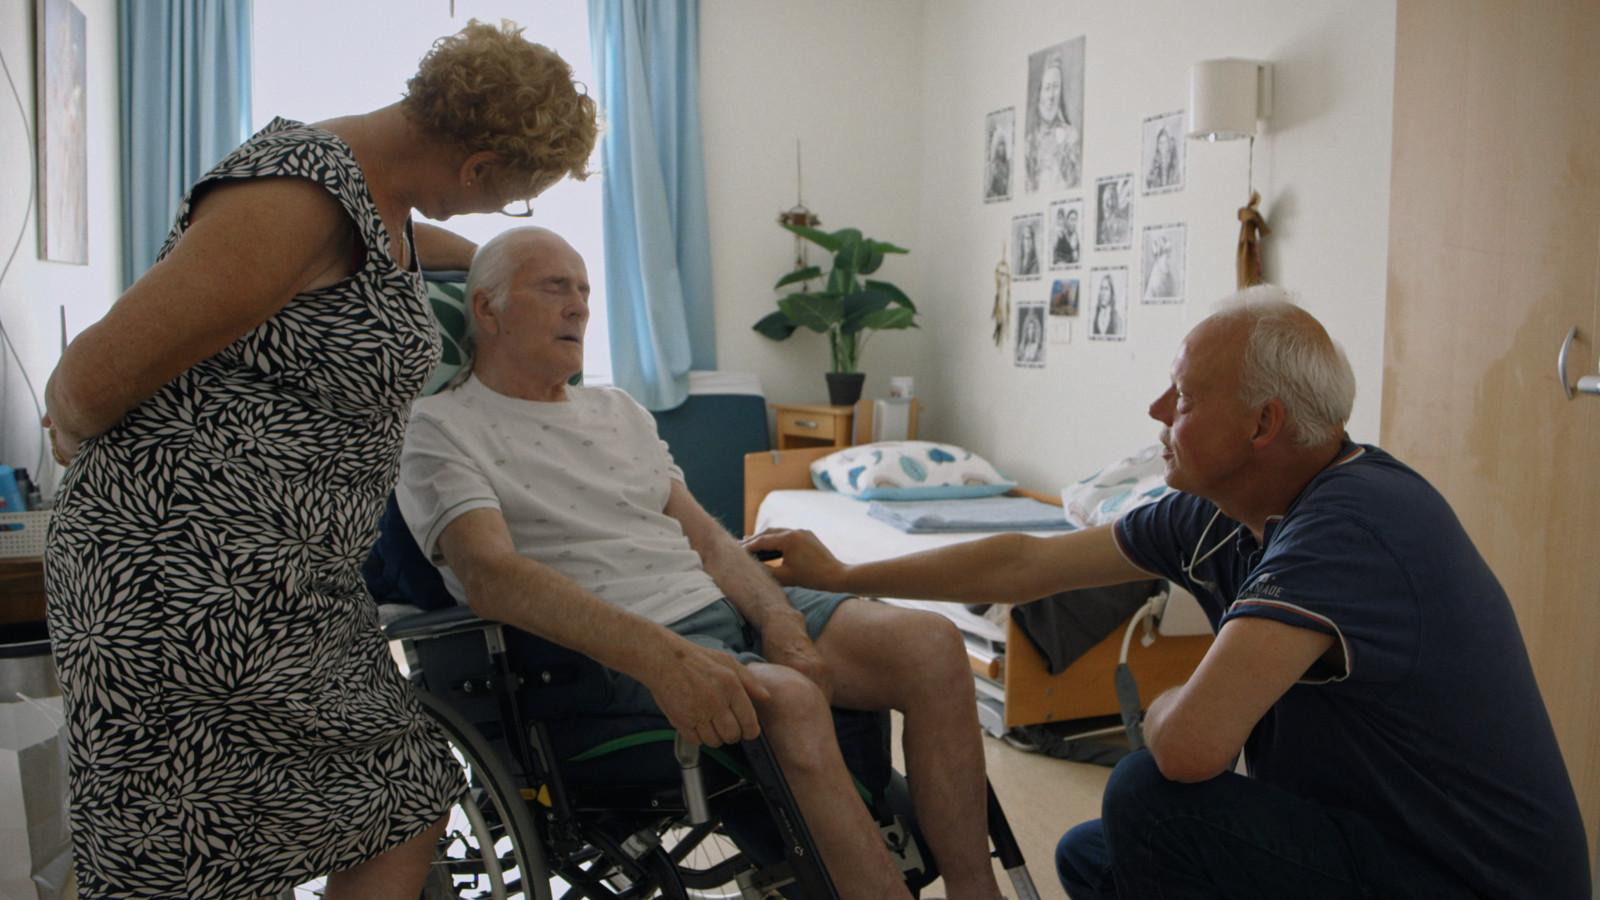 Scène uit de film, Willy met zijn vrouw Kitty en dokter Kees van Gelder